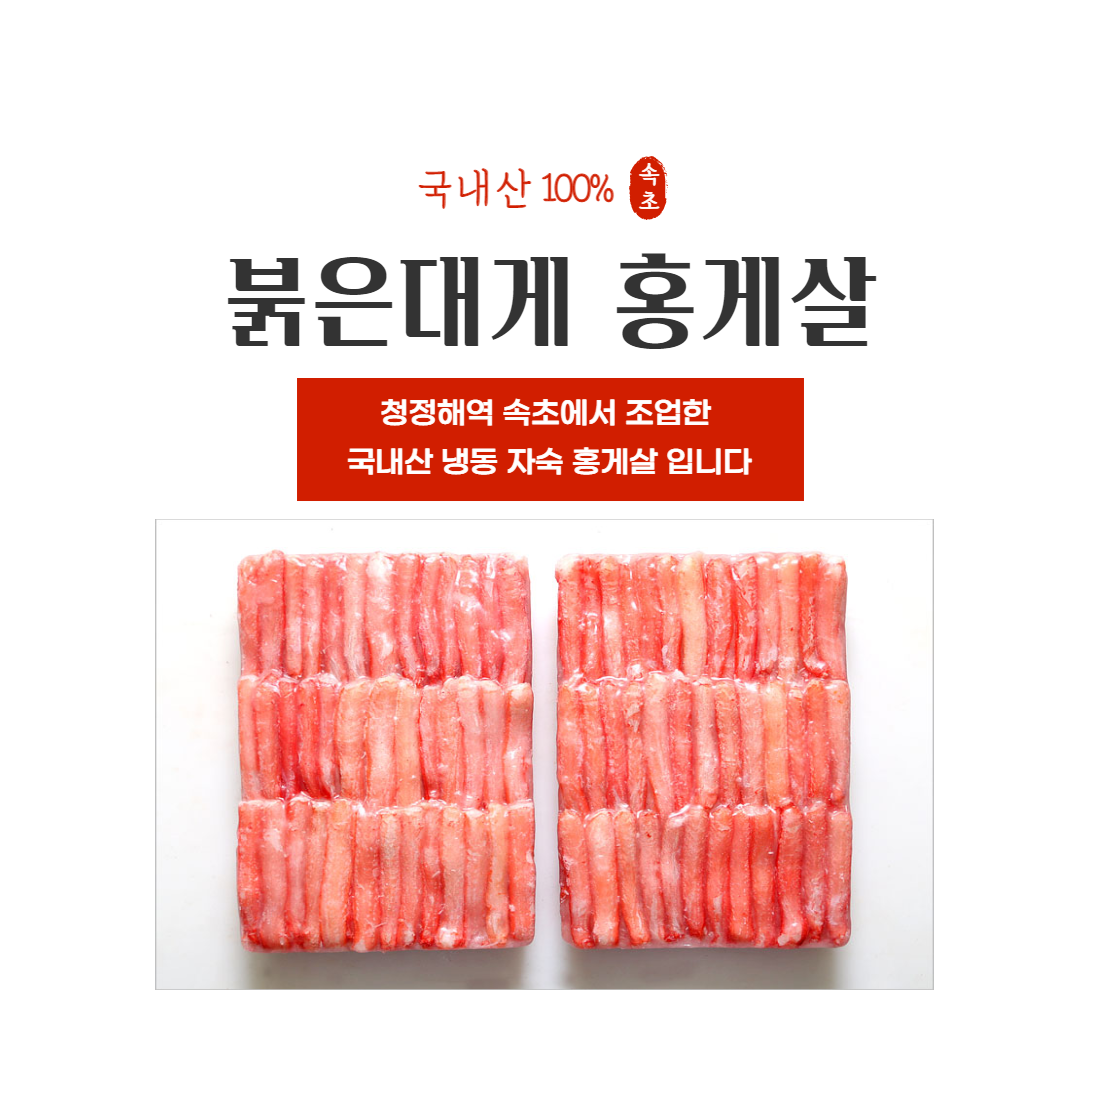 속초 산지직송 붉은대게 홍게살 다리살 몸통살 700g 간편한 홍개살, 모듬살